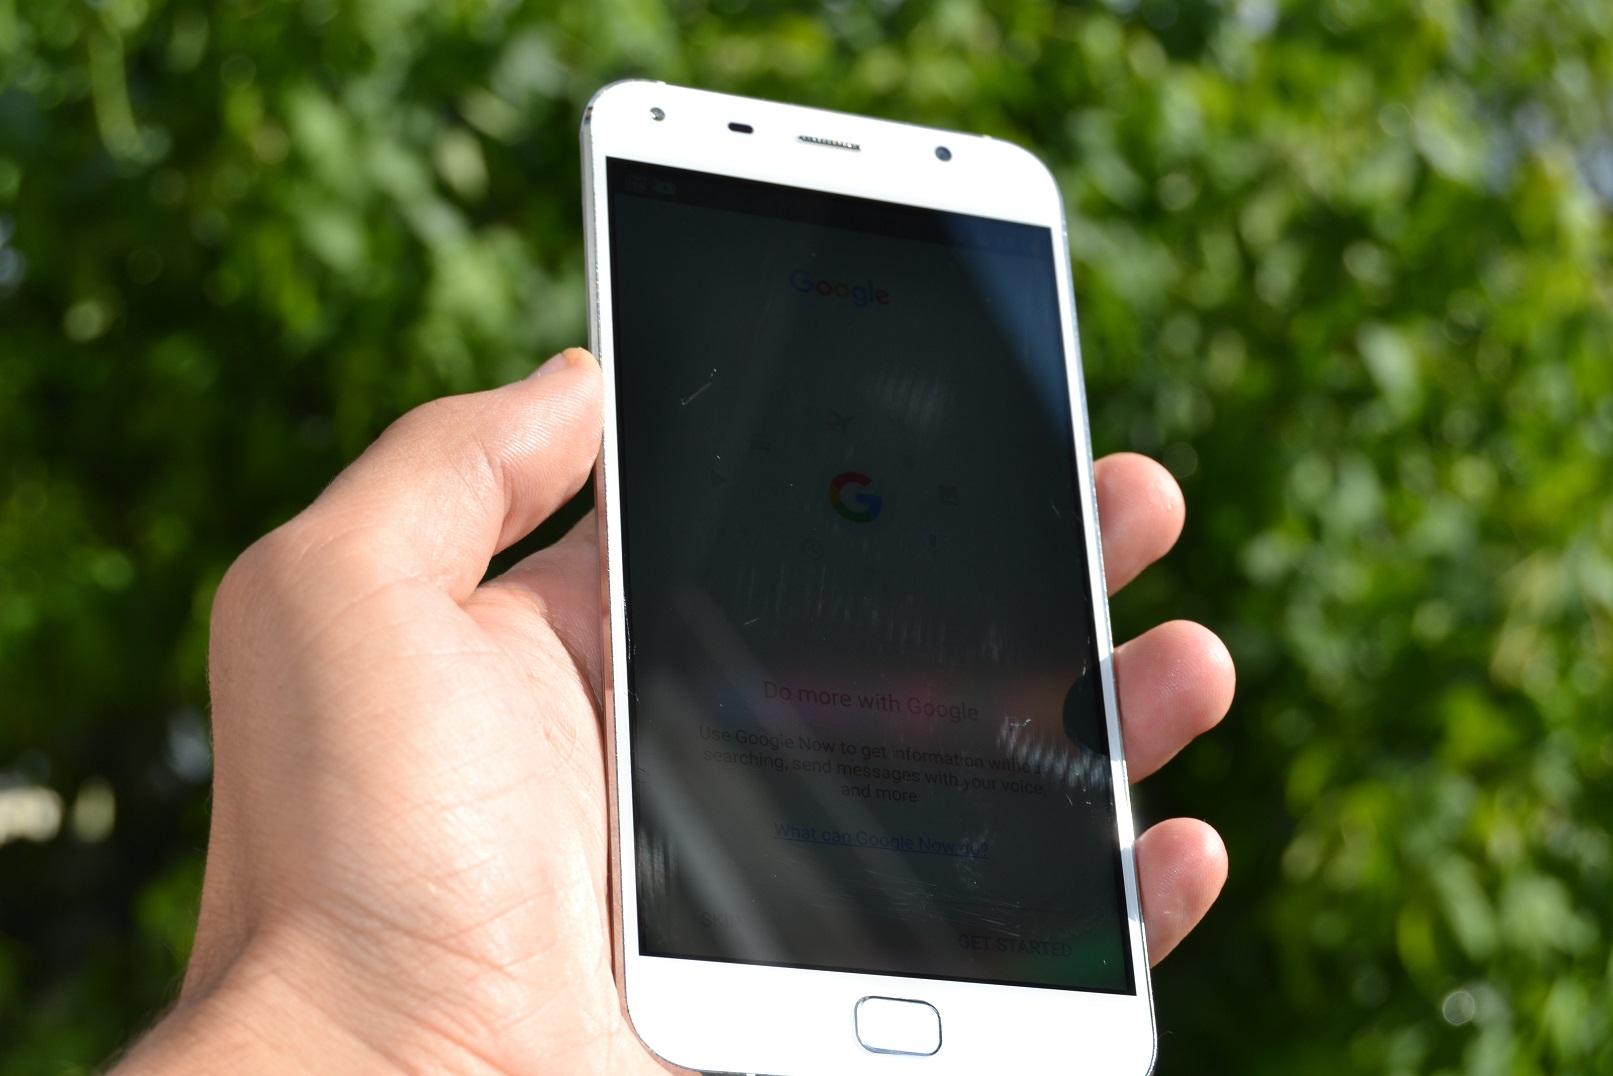 DSC_0424 REVIEW display UMi Touch si comparat cu UMi Super, tot partea de display